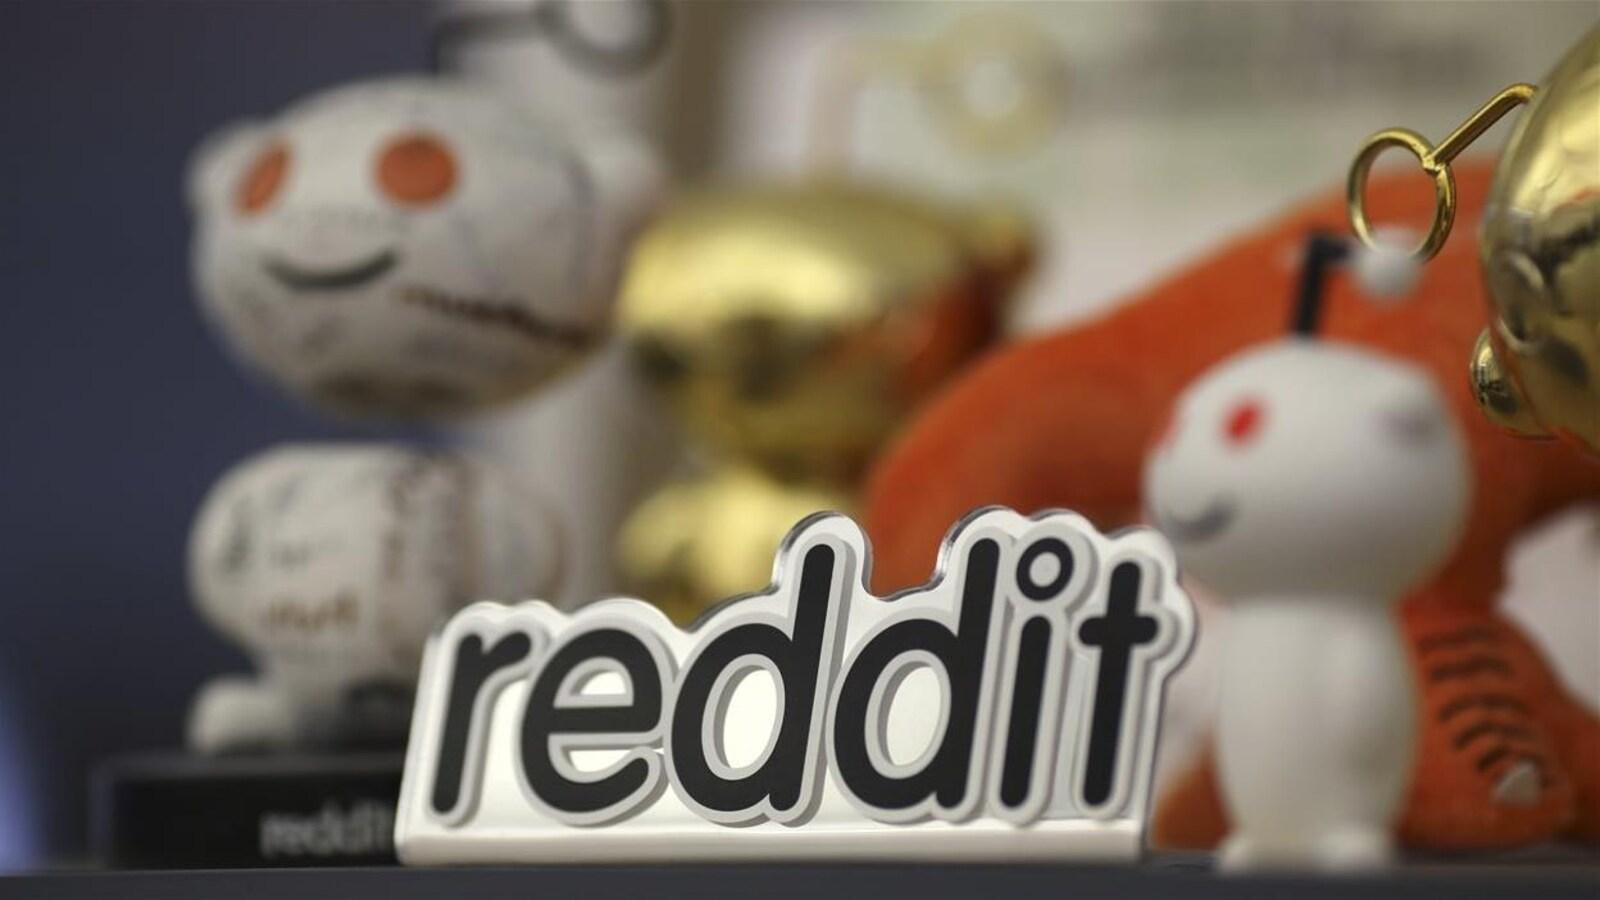 Le logo de Reddit est posé devant des petites figurines à l'image de l'entreprise